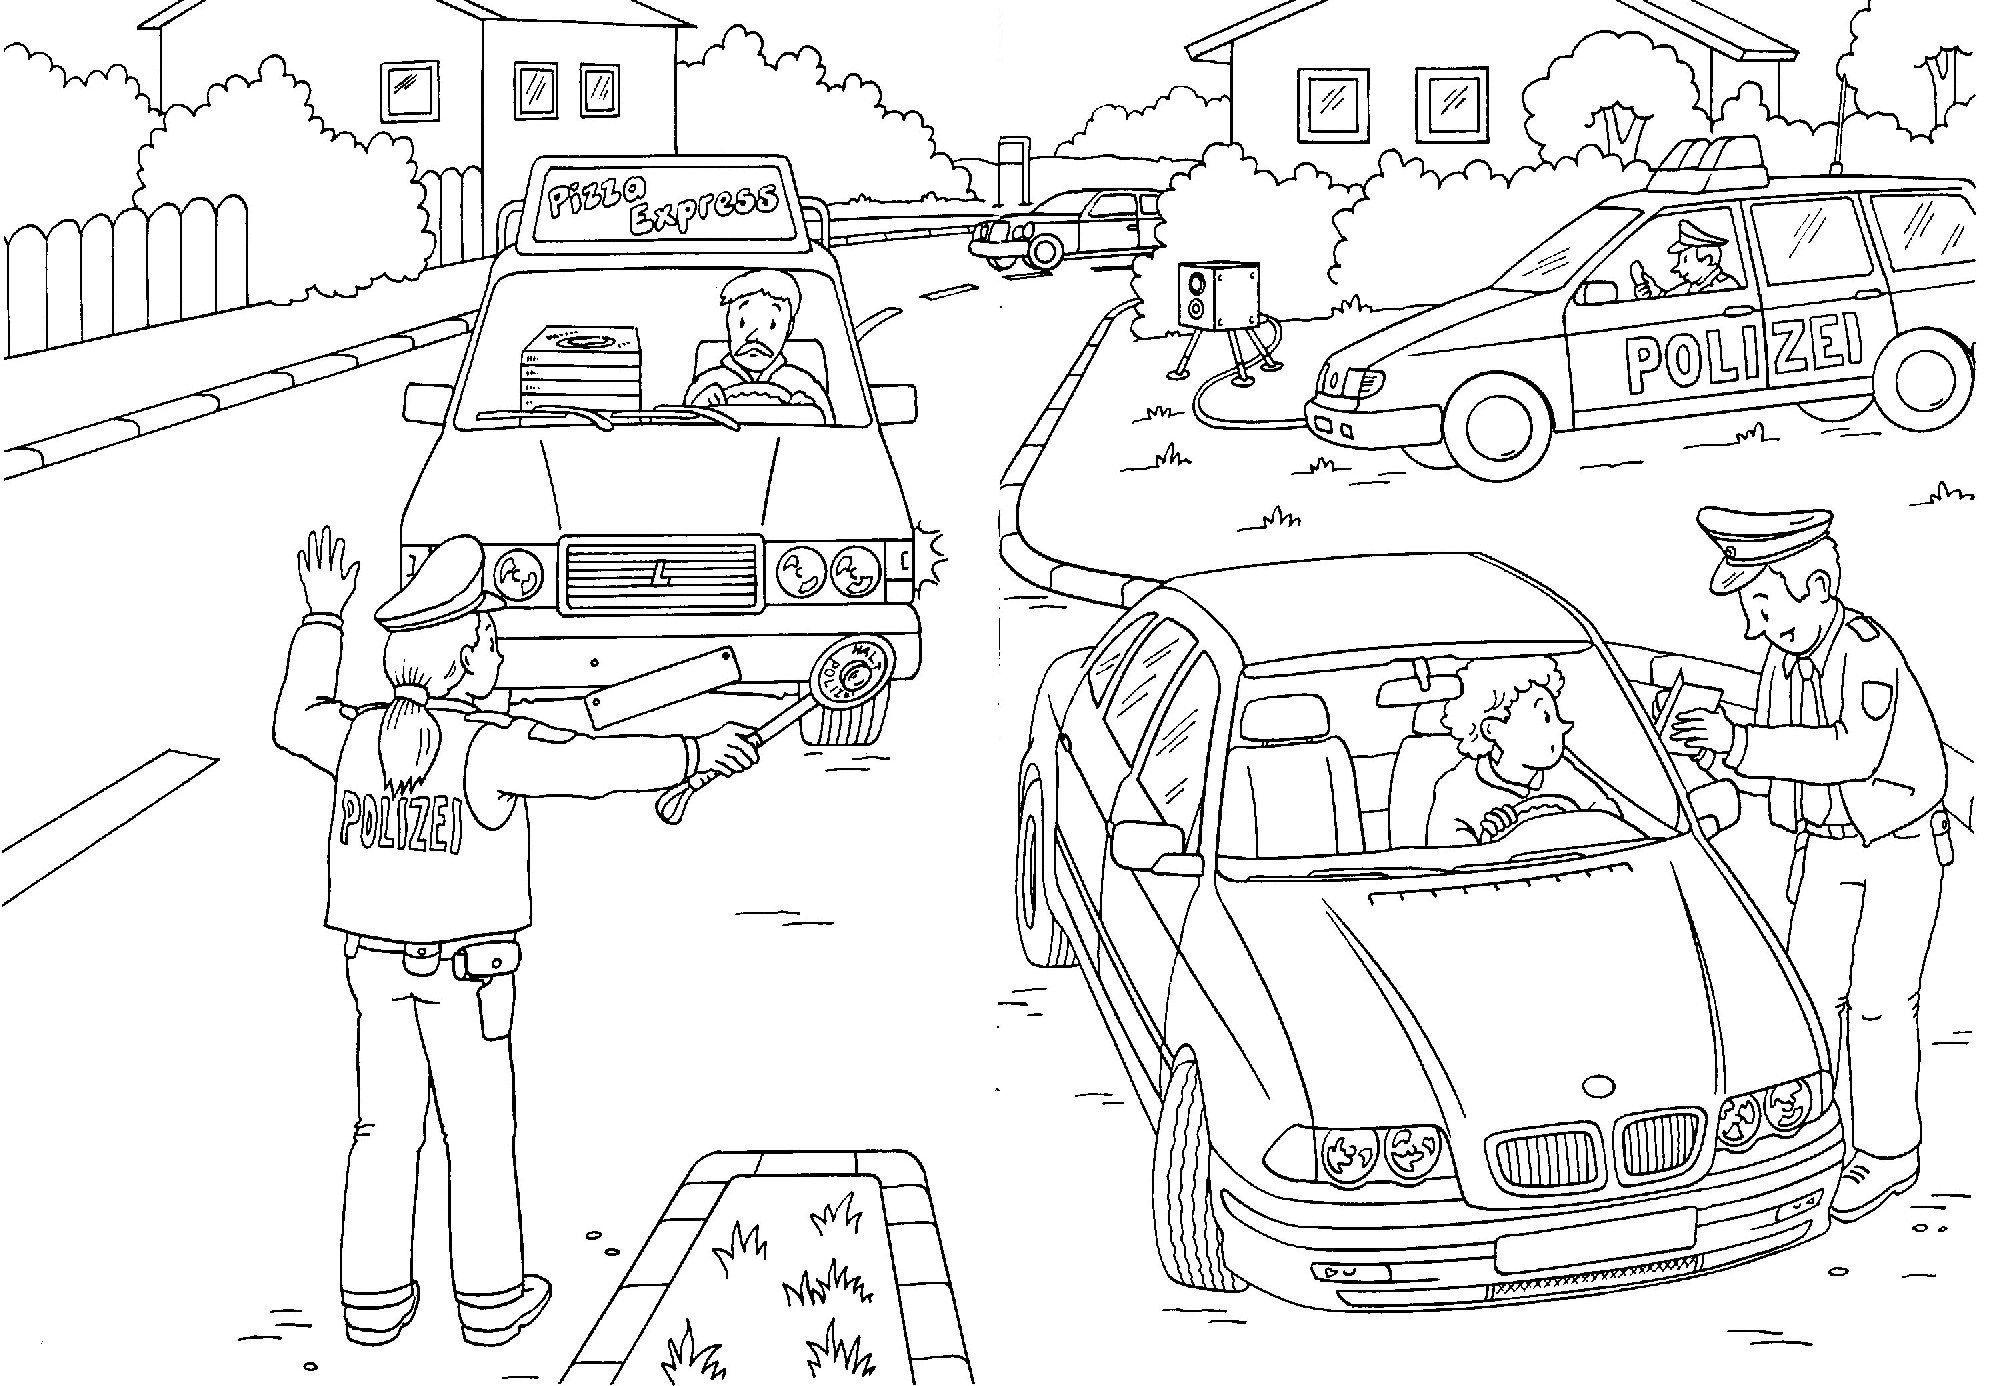 Ausmalbilder Polizei Bmw Bmw Polizei Police Coloring Ausmalbilder Malvorlagen Ausmalbilder Zum Ausdrucken Ausmalbilder Ausmalen